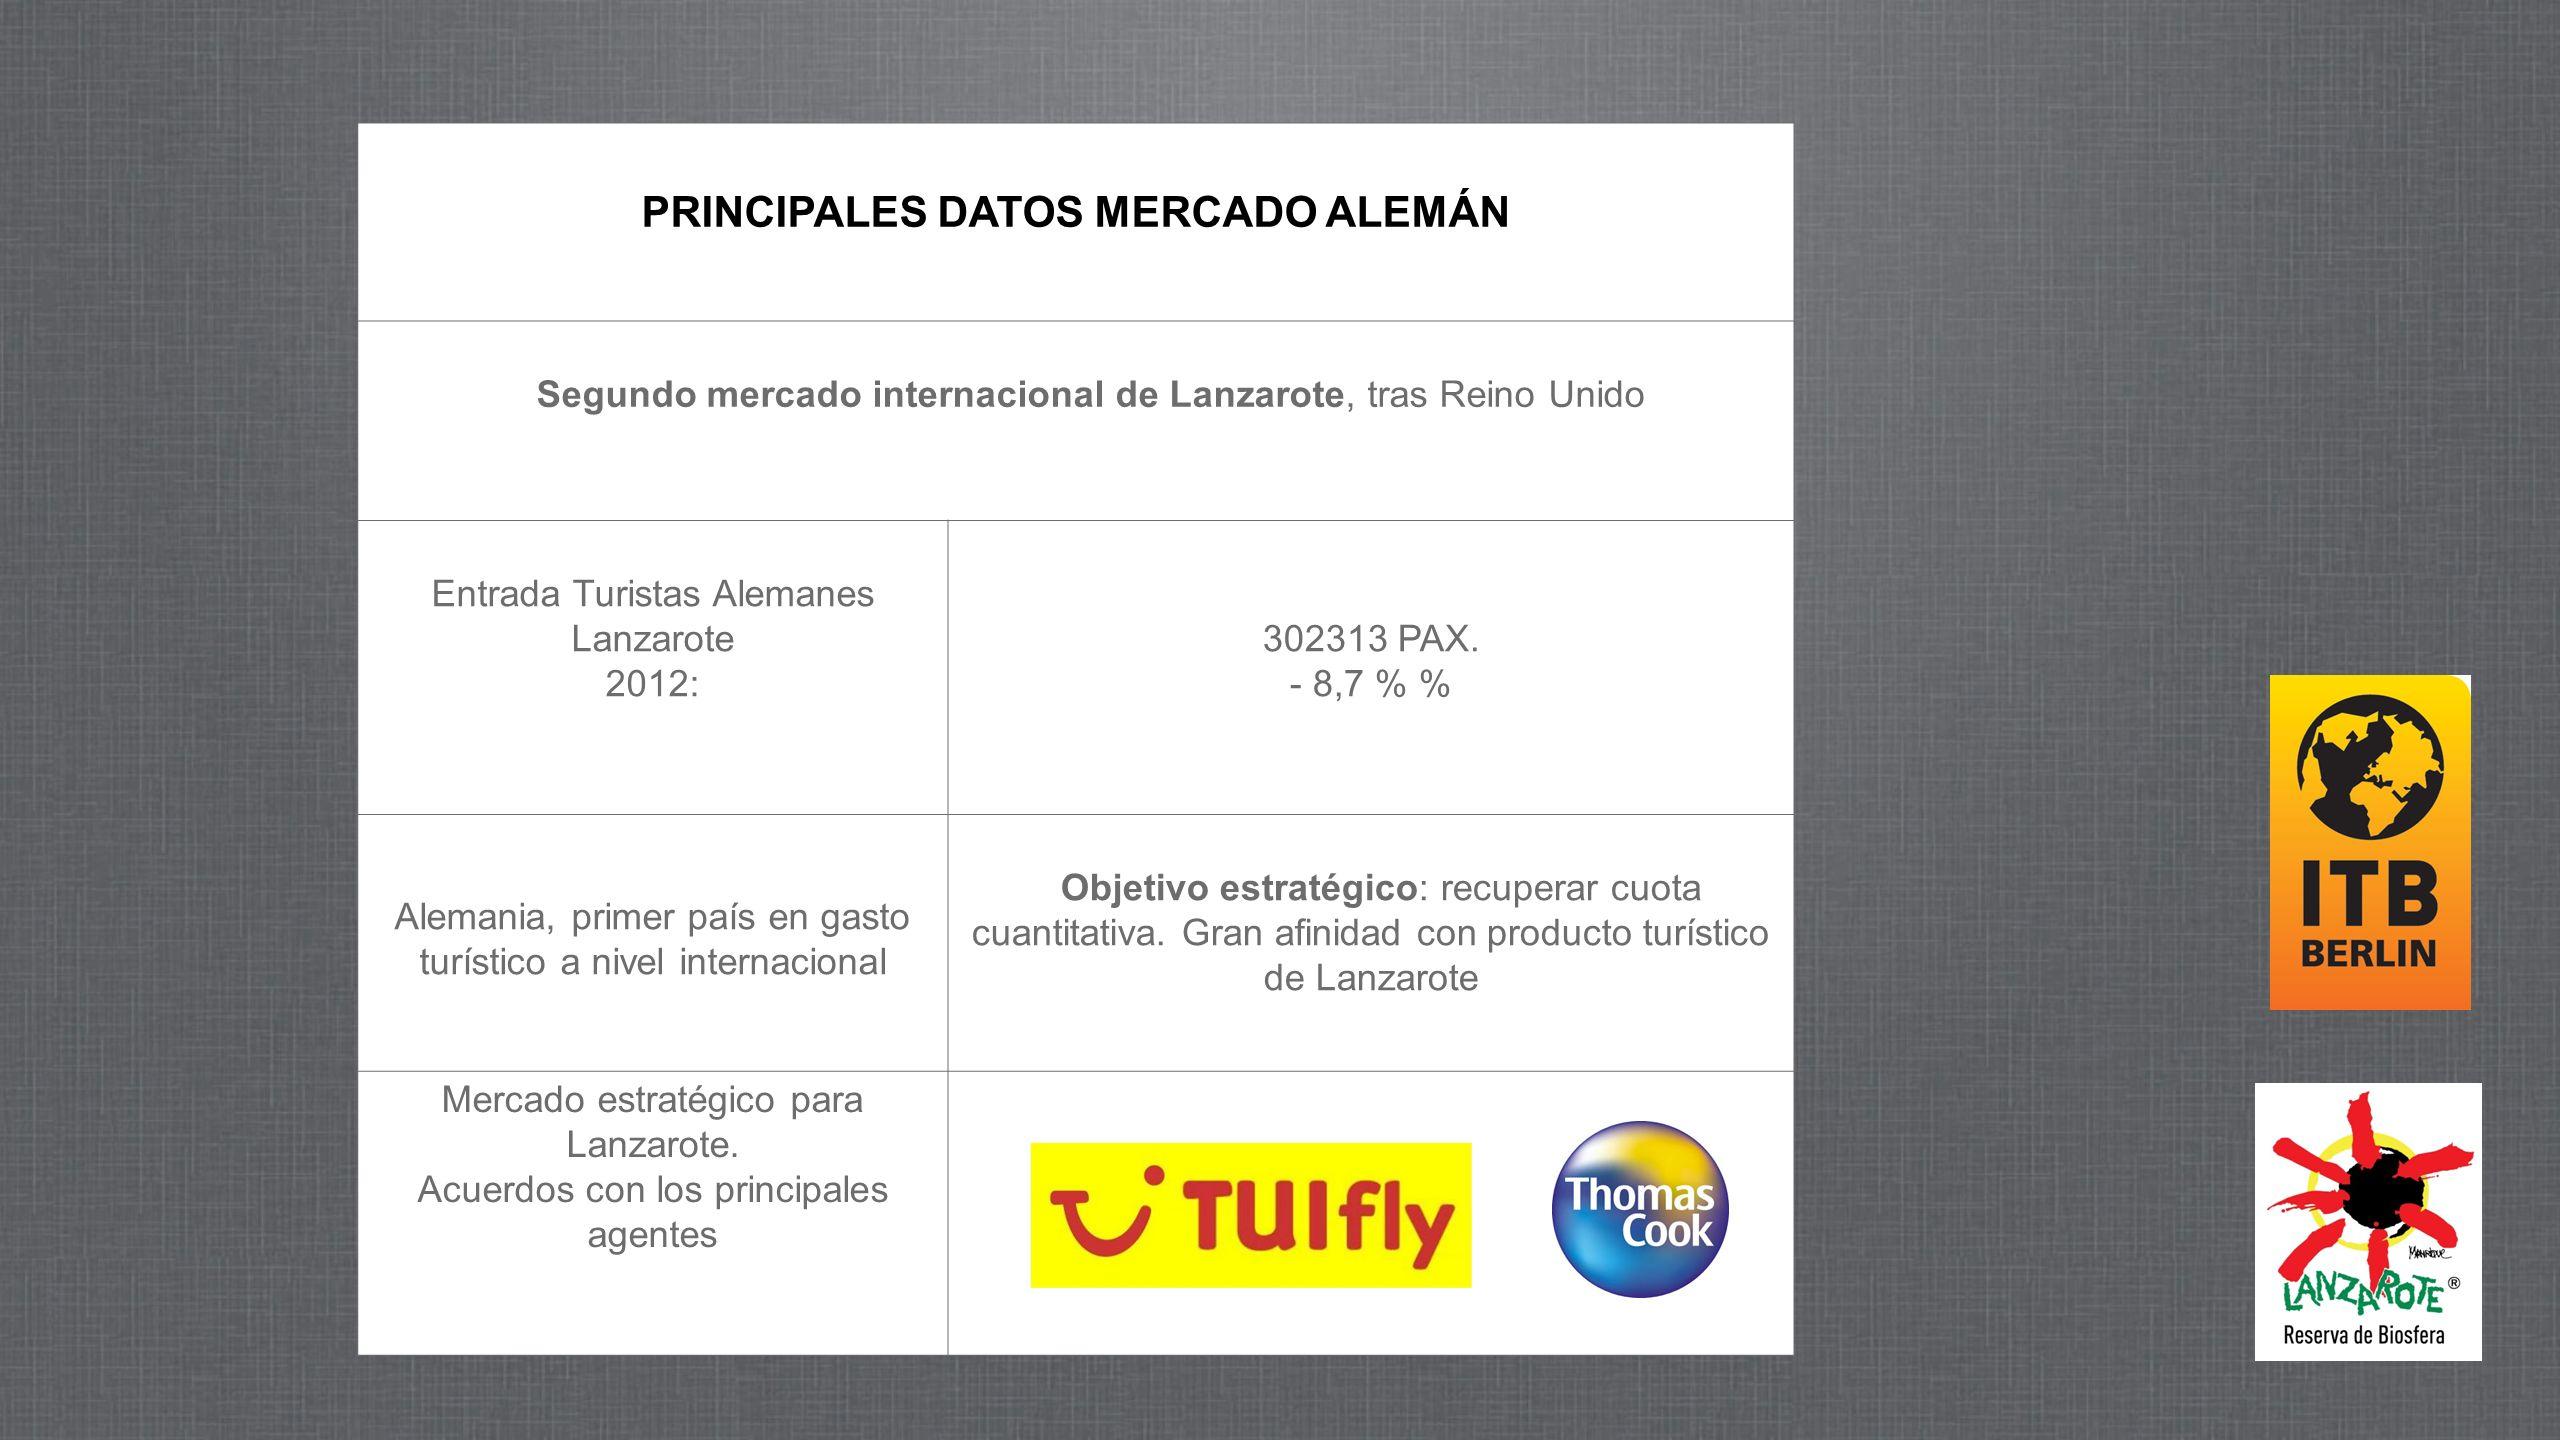 PRINCIPALES DATOS MERCADO ALEMÁN